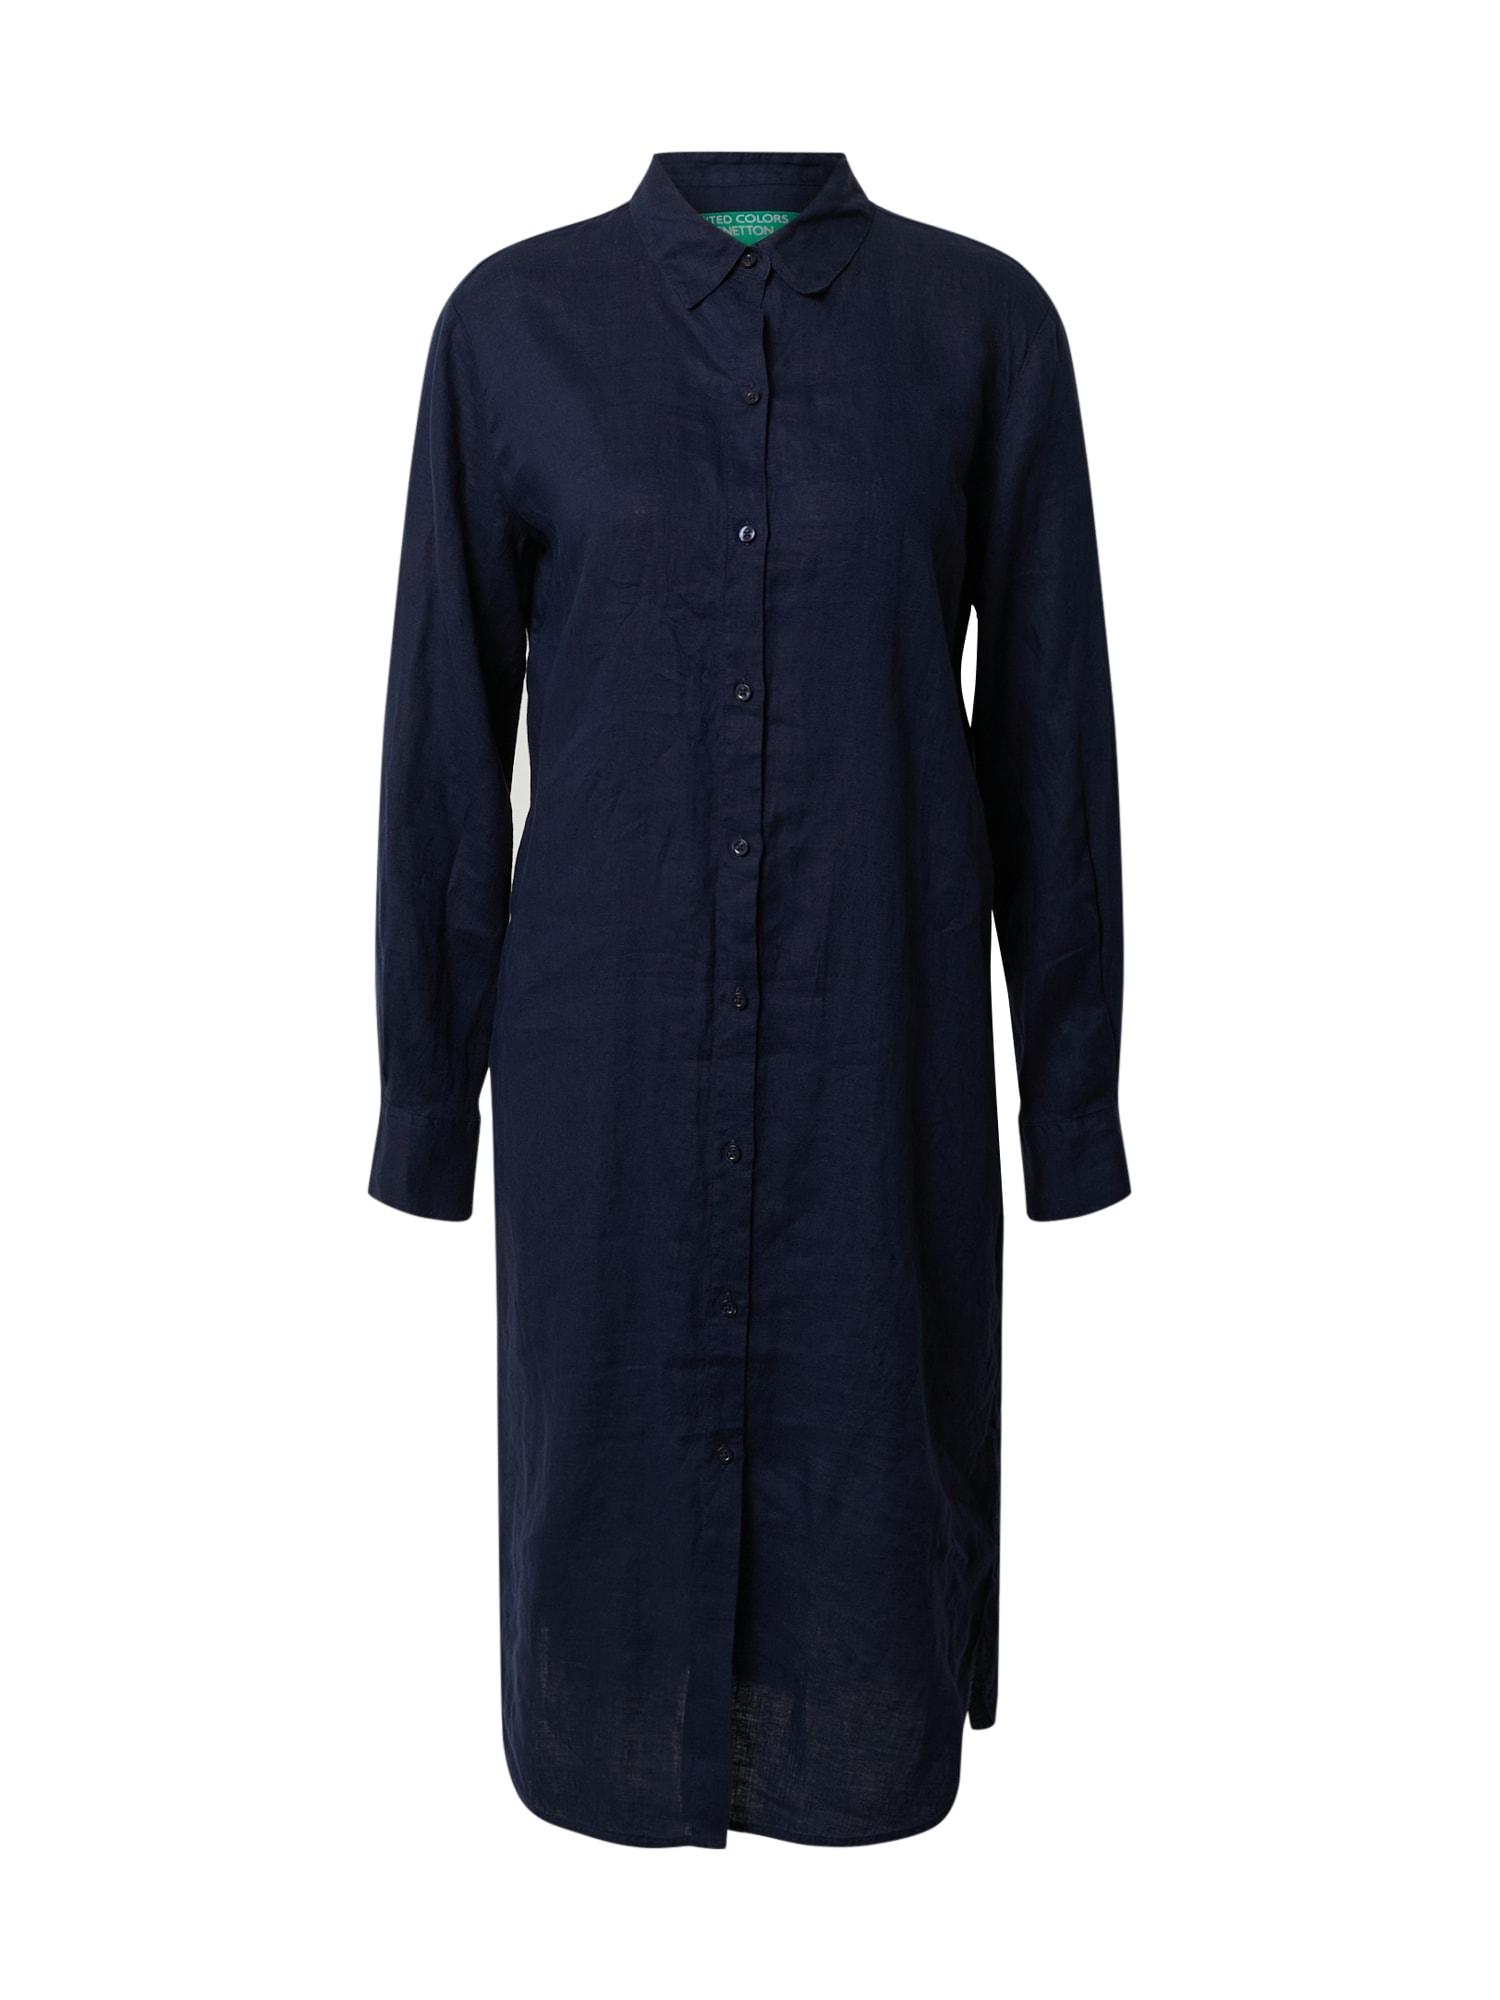 UNITED COLORS OF BENETTON Košeľové šaty  tmavomodrá